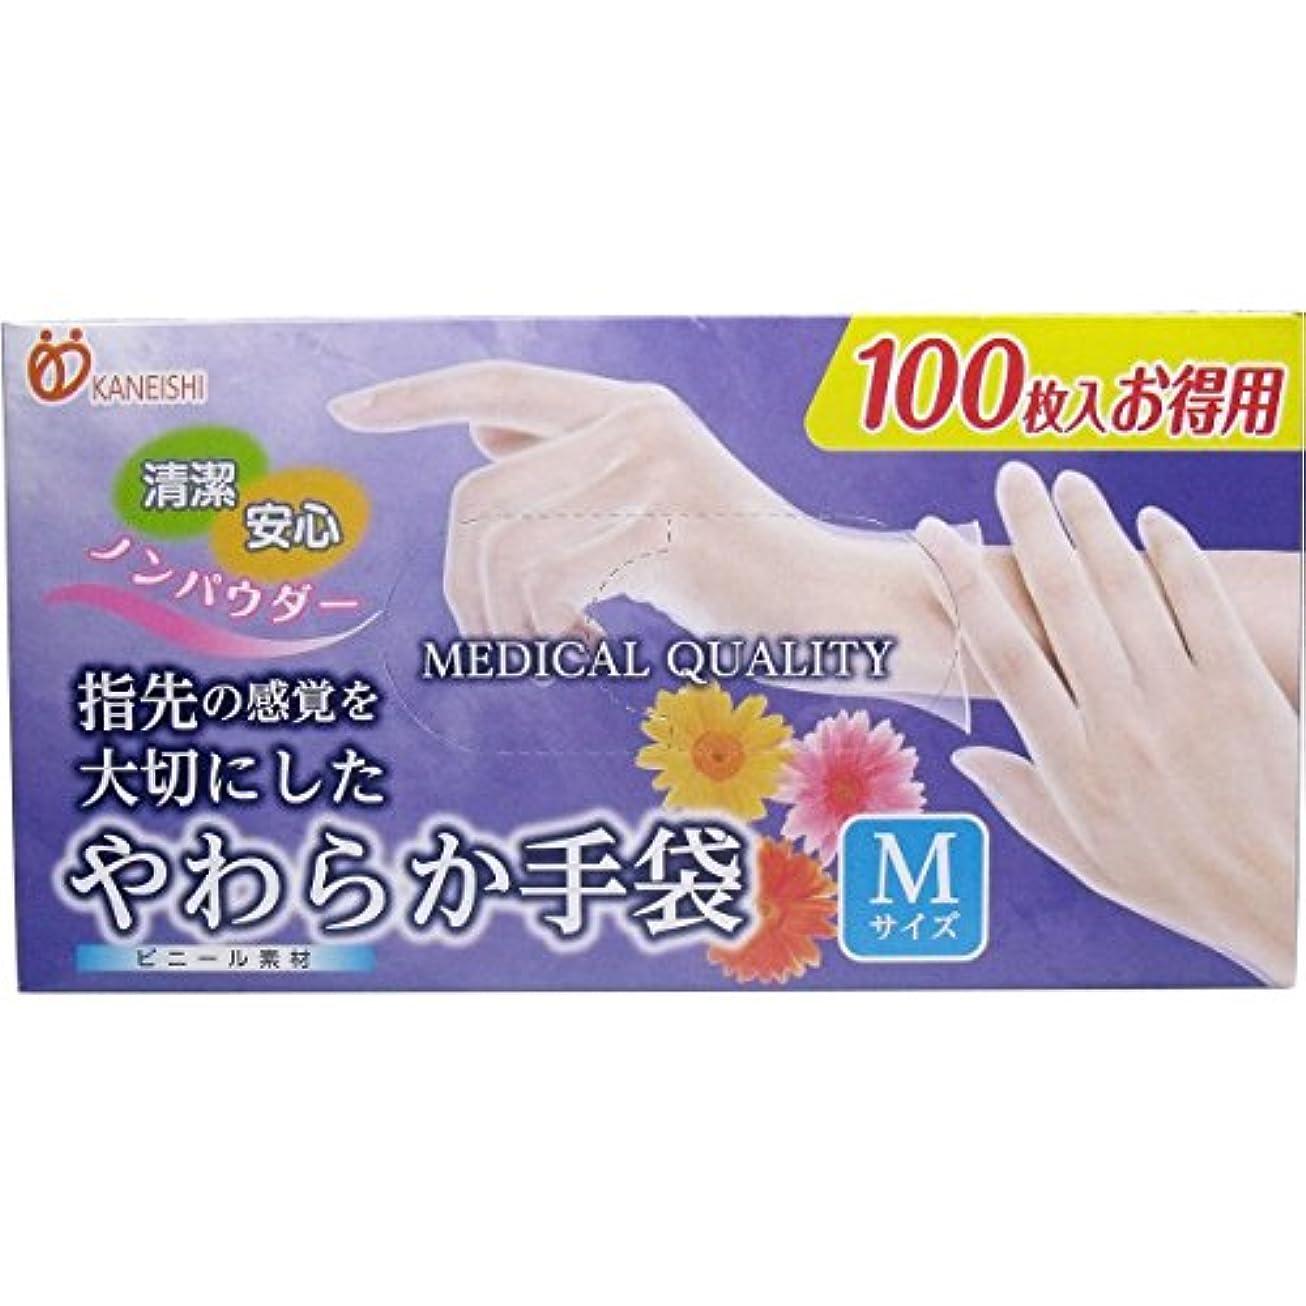 開拓者傭兵爆発やわらか手袋 ビニール素材 Mサイズ 100枚入x6